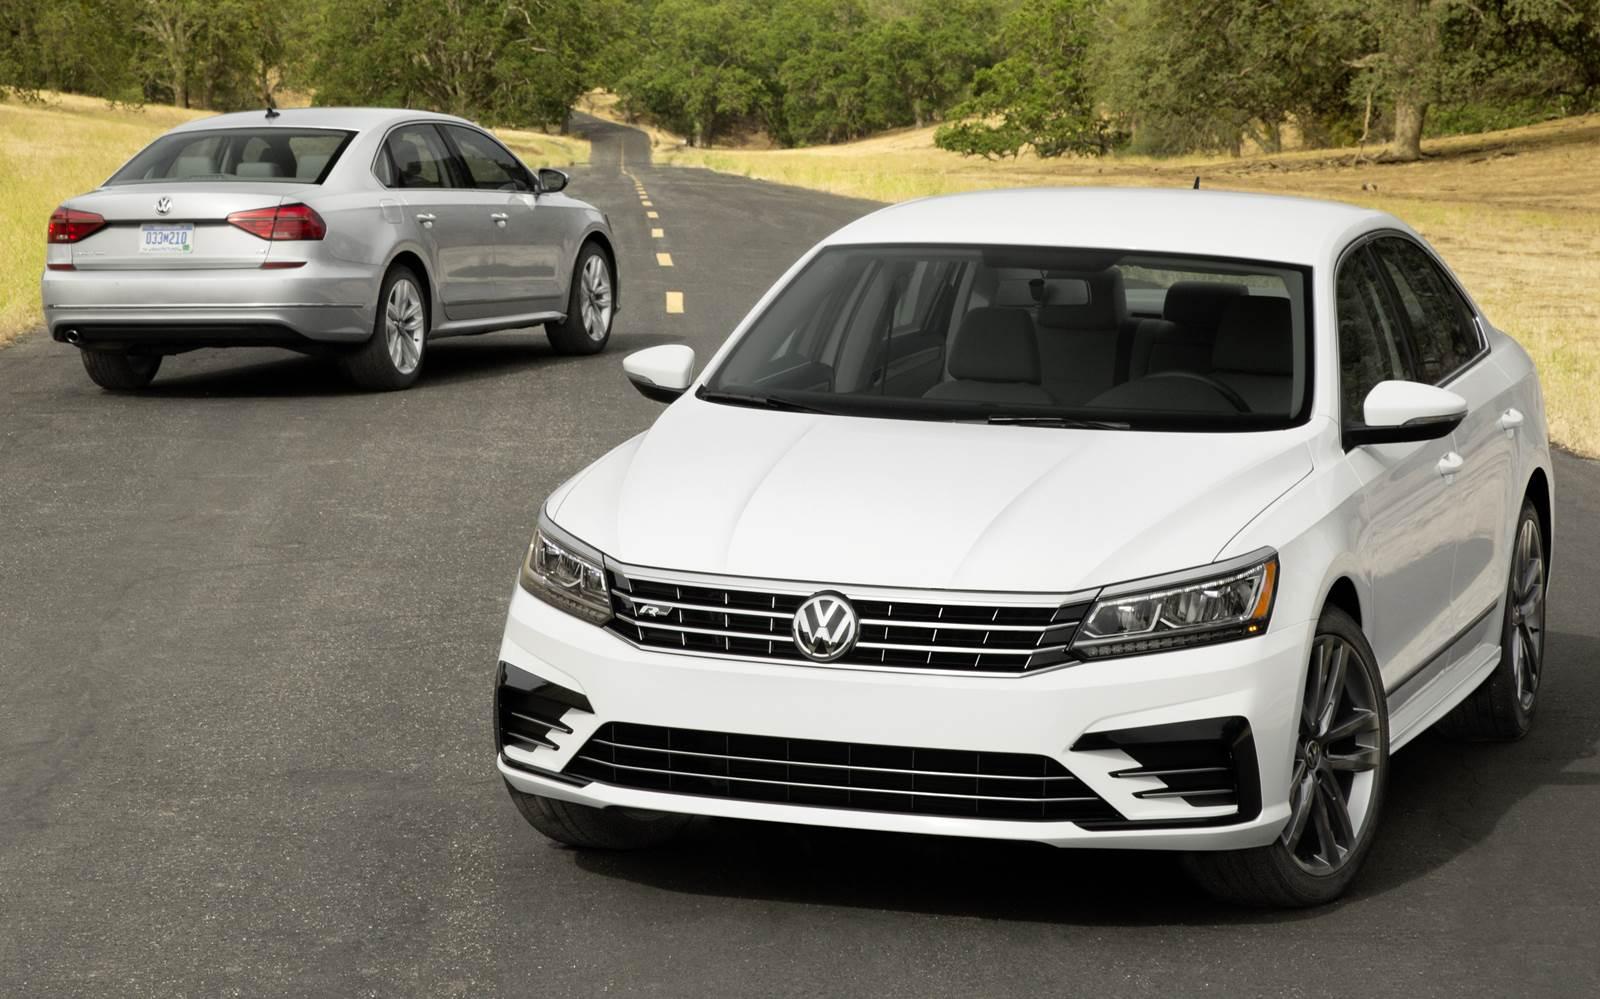 VW Passat 2016 R Line